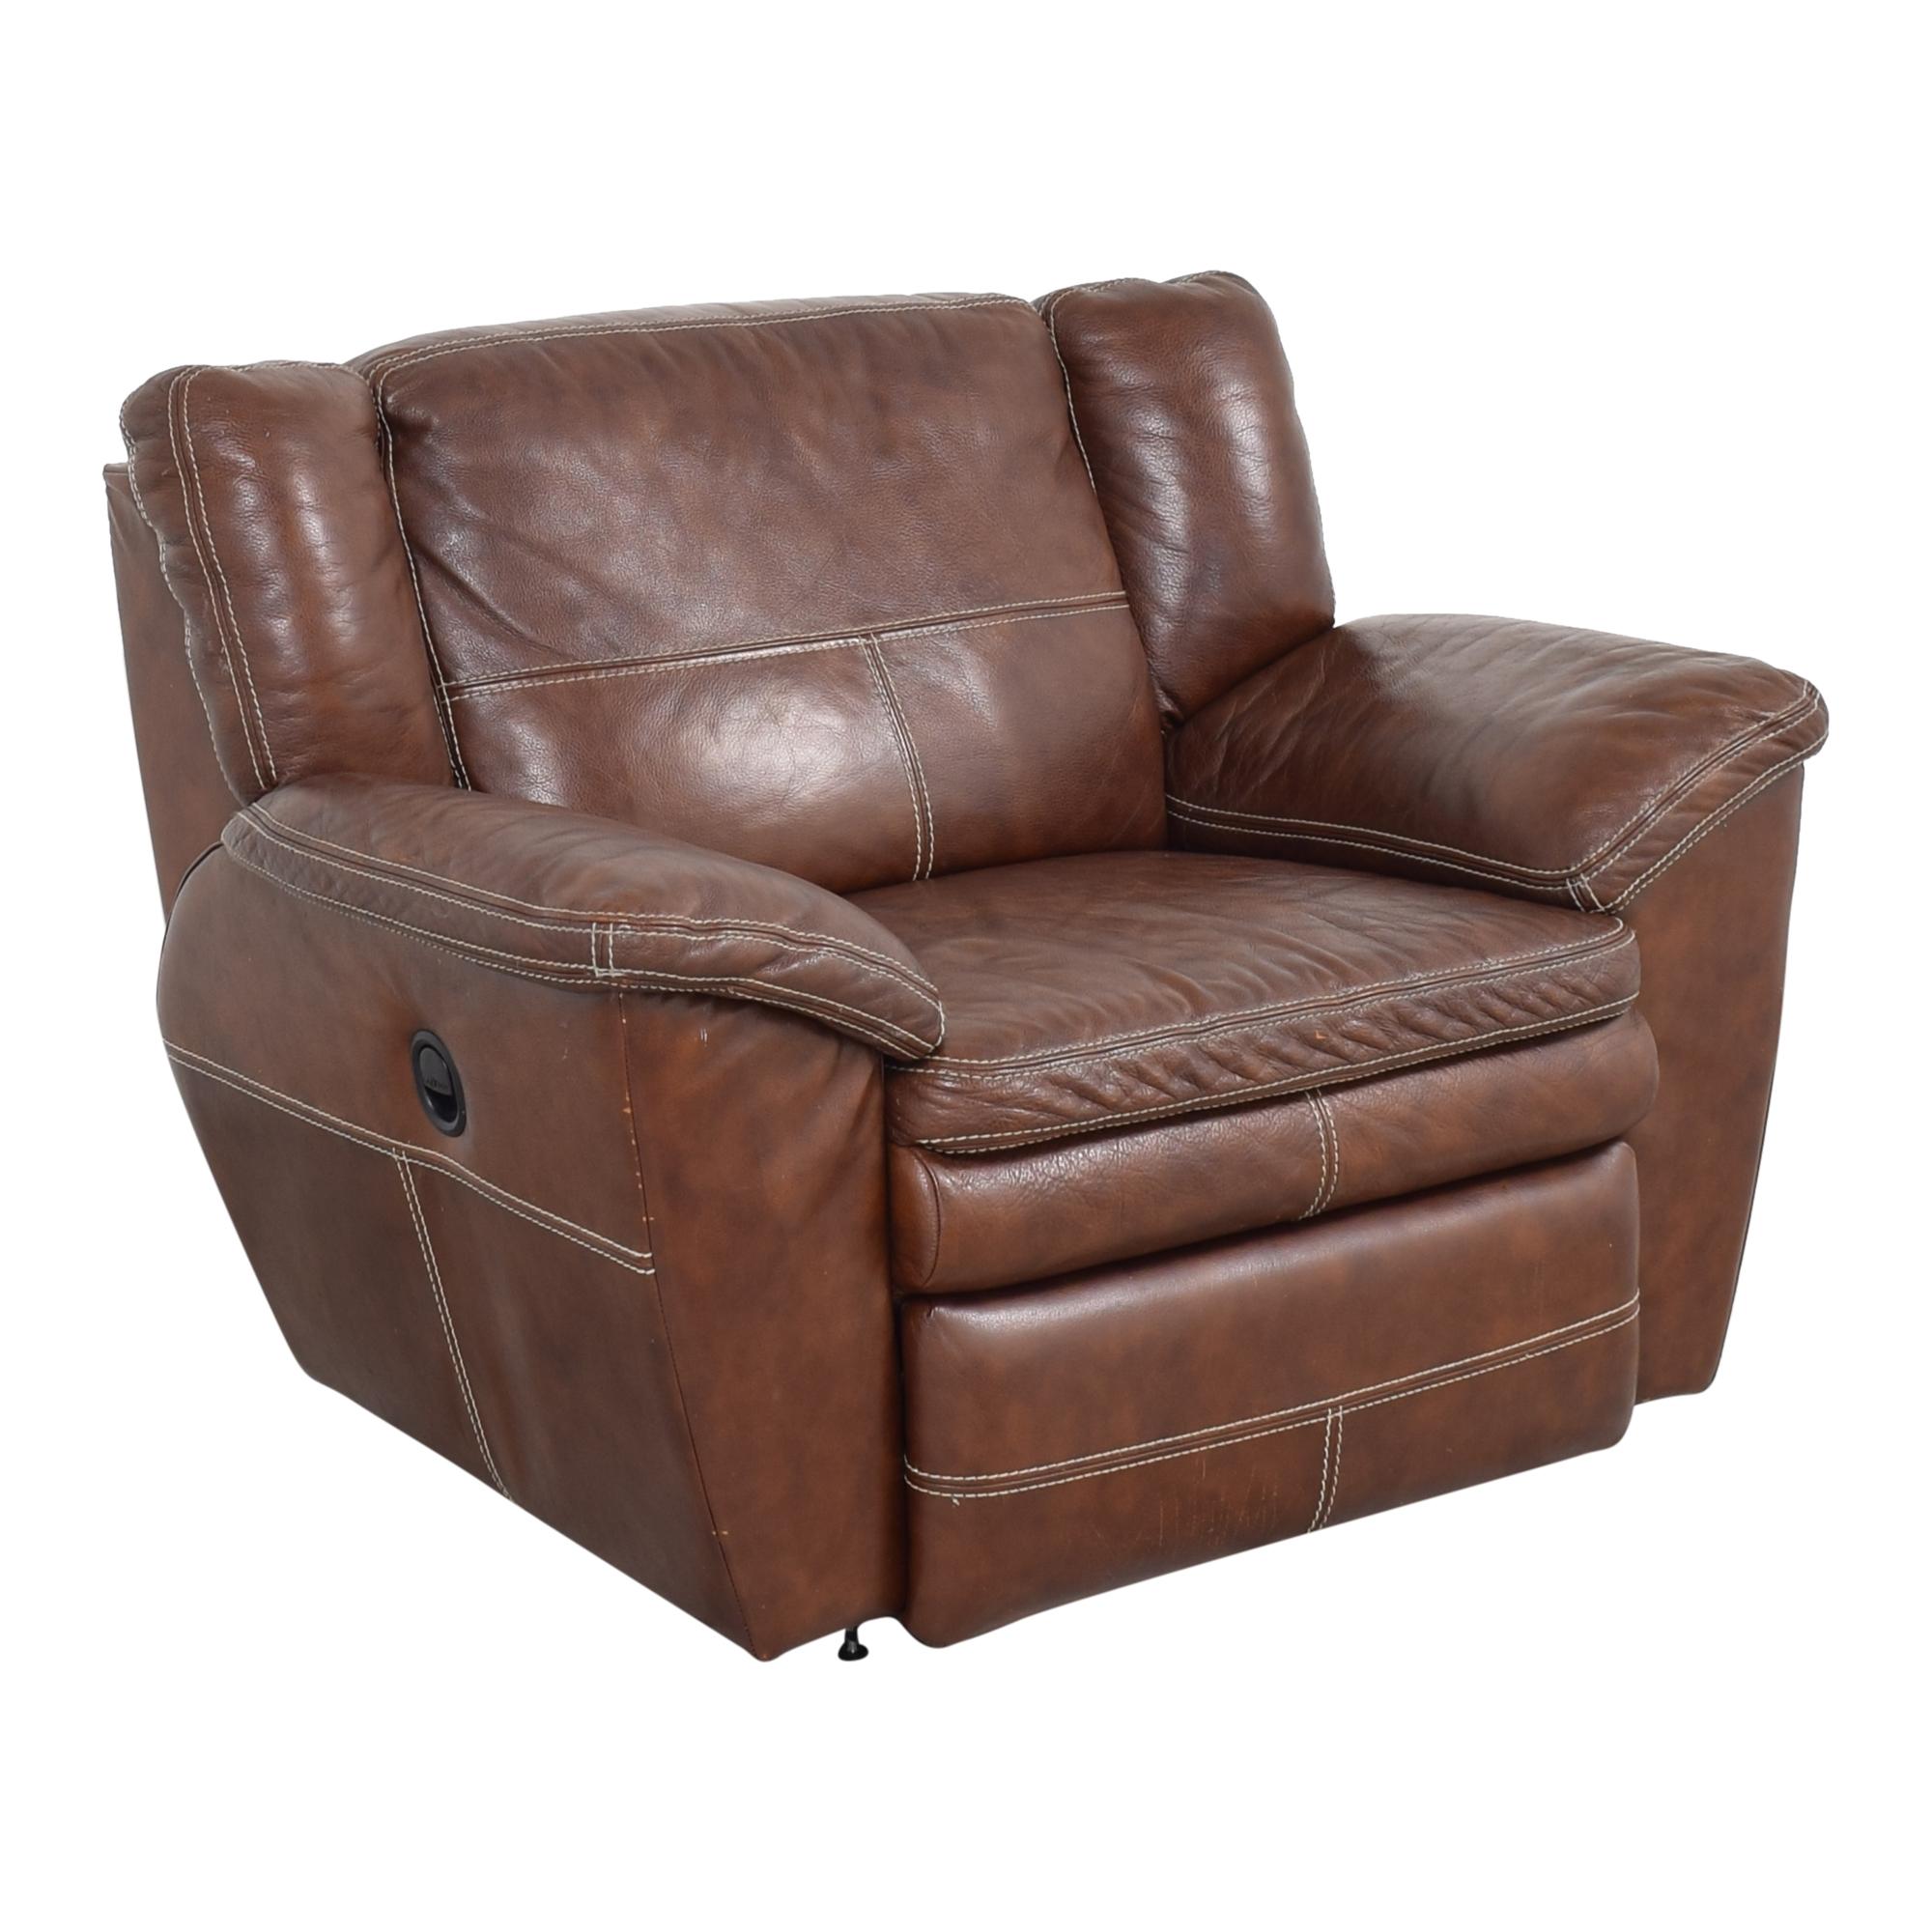 buy La-Z-Boy Leather Recliner Chair La-Z-Boy Recliners